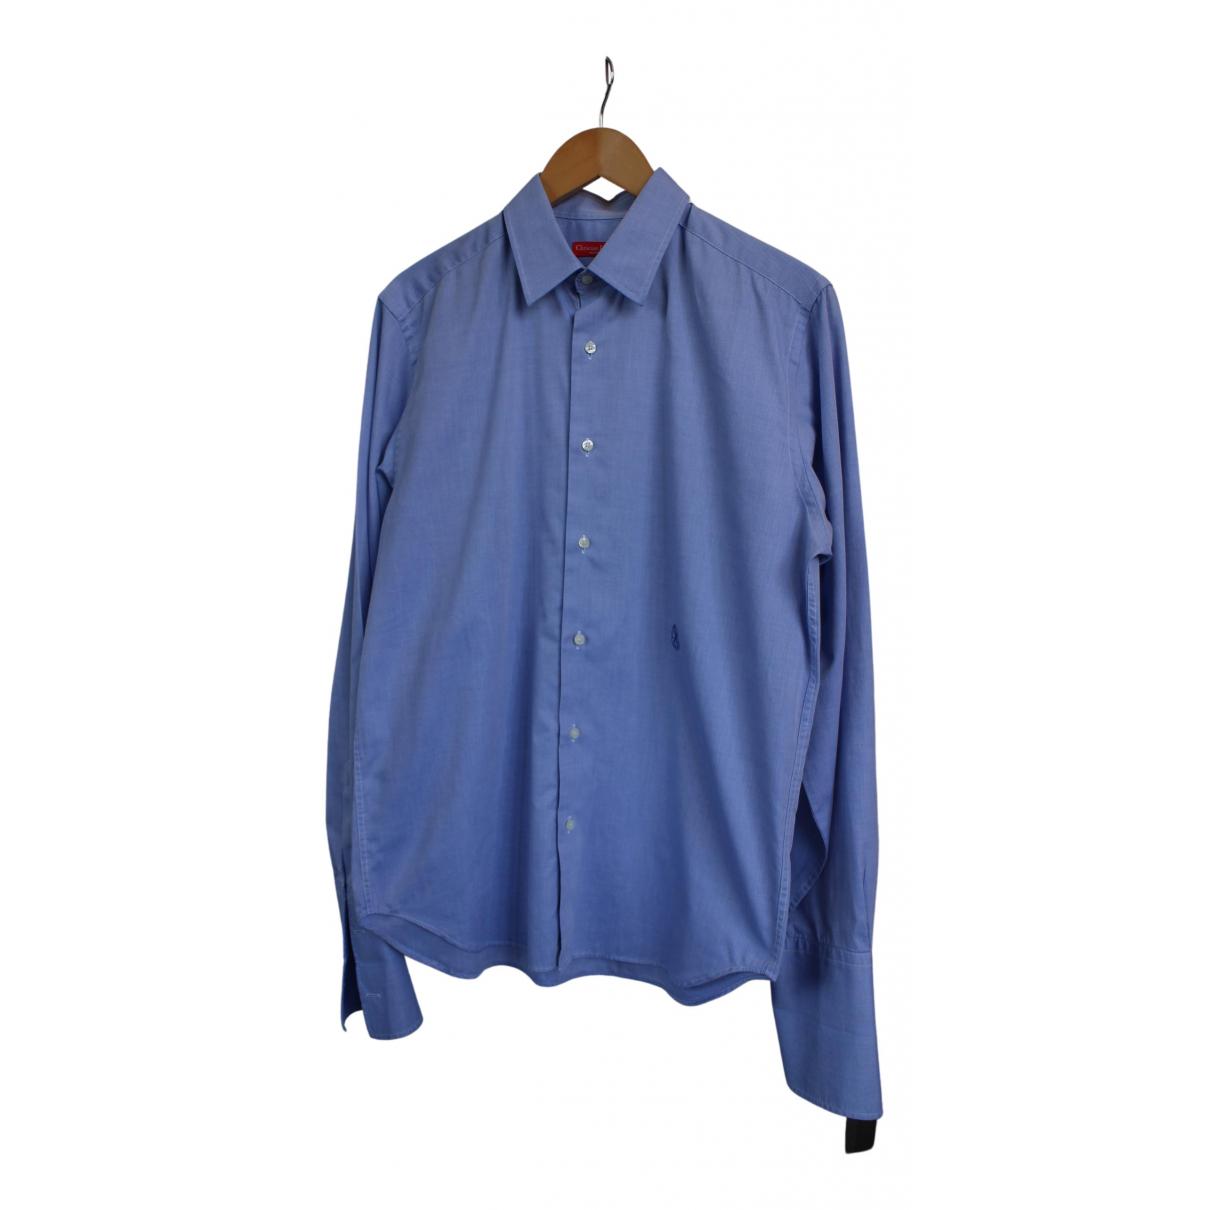 Christian Lacroix N Blue Cotton Shirts for Men 41 EU (tour de cou / collar)